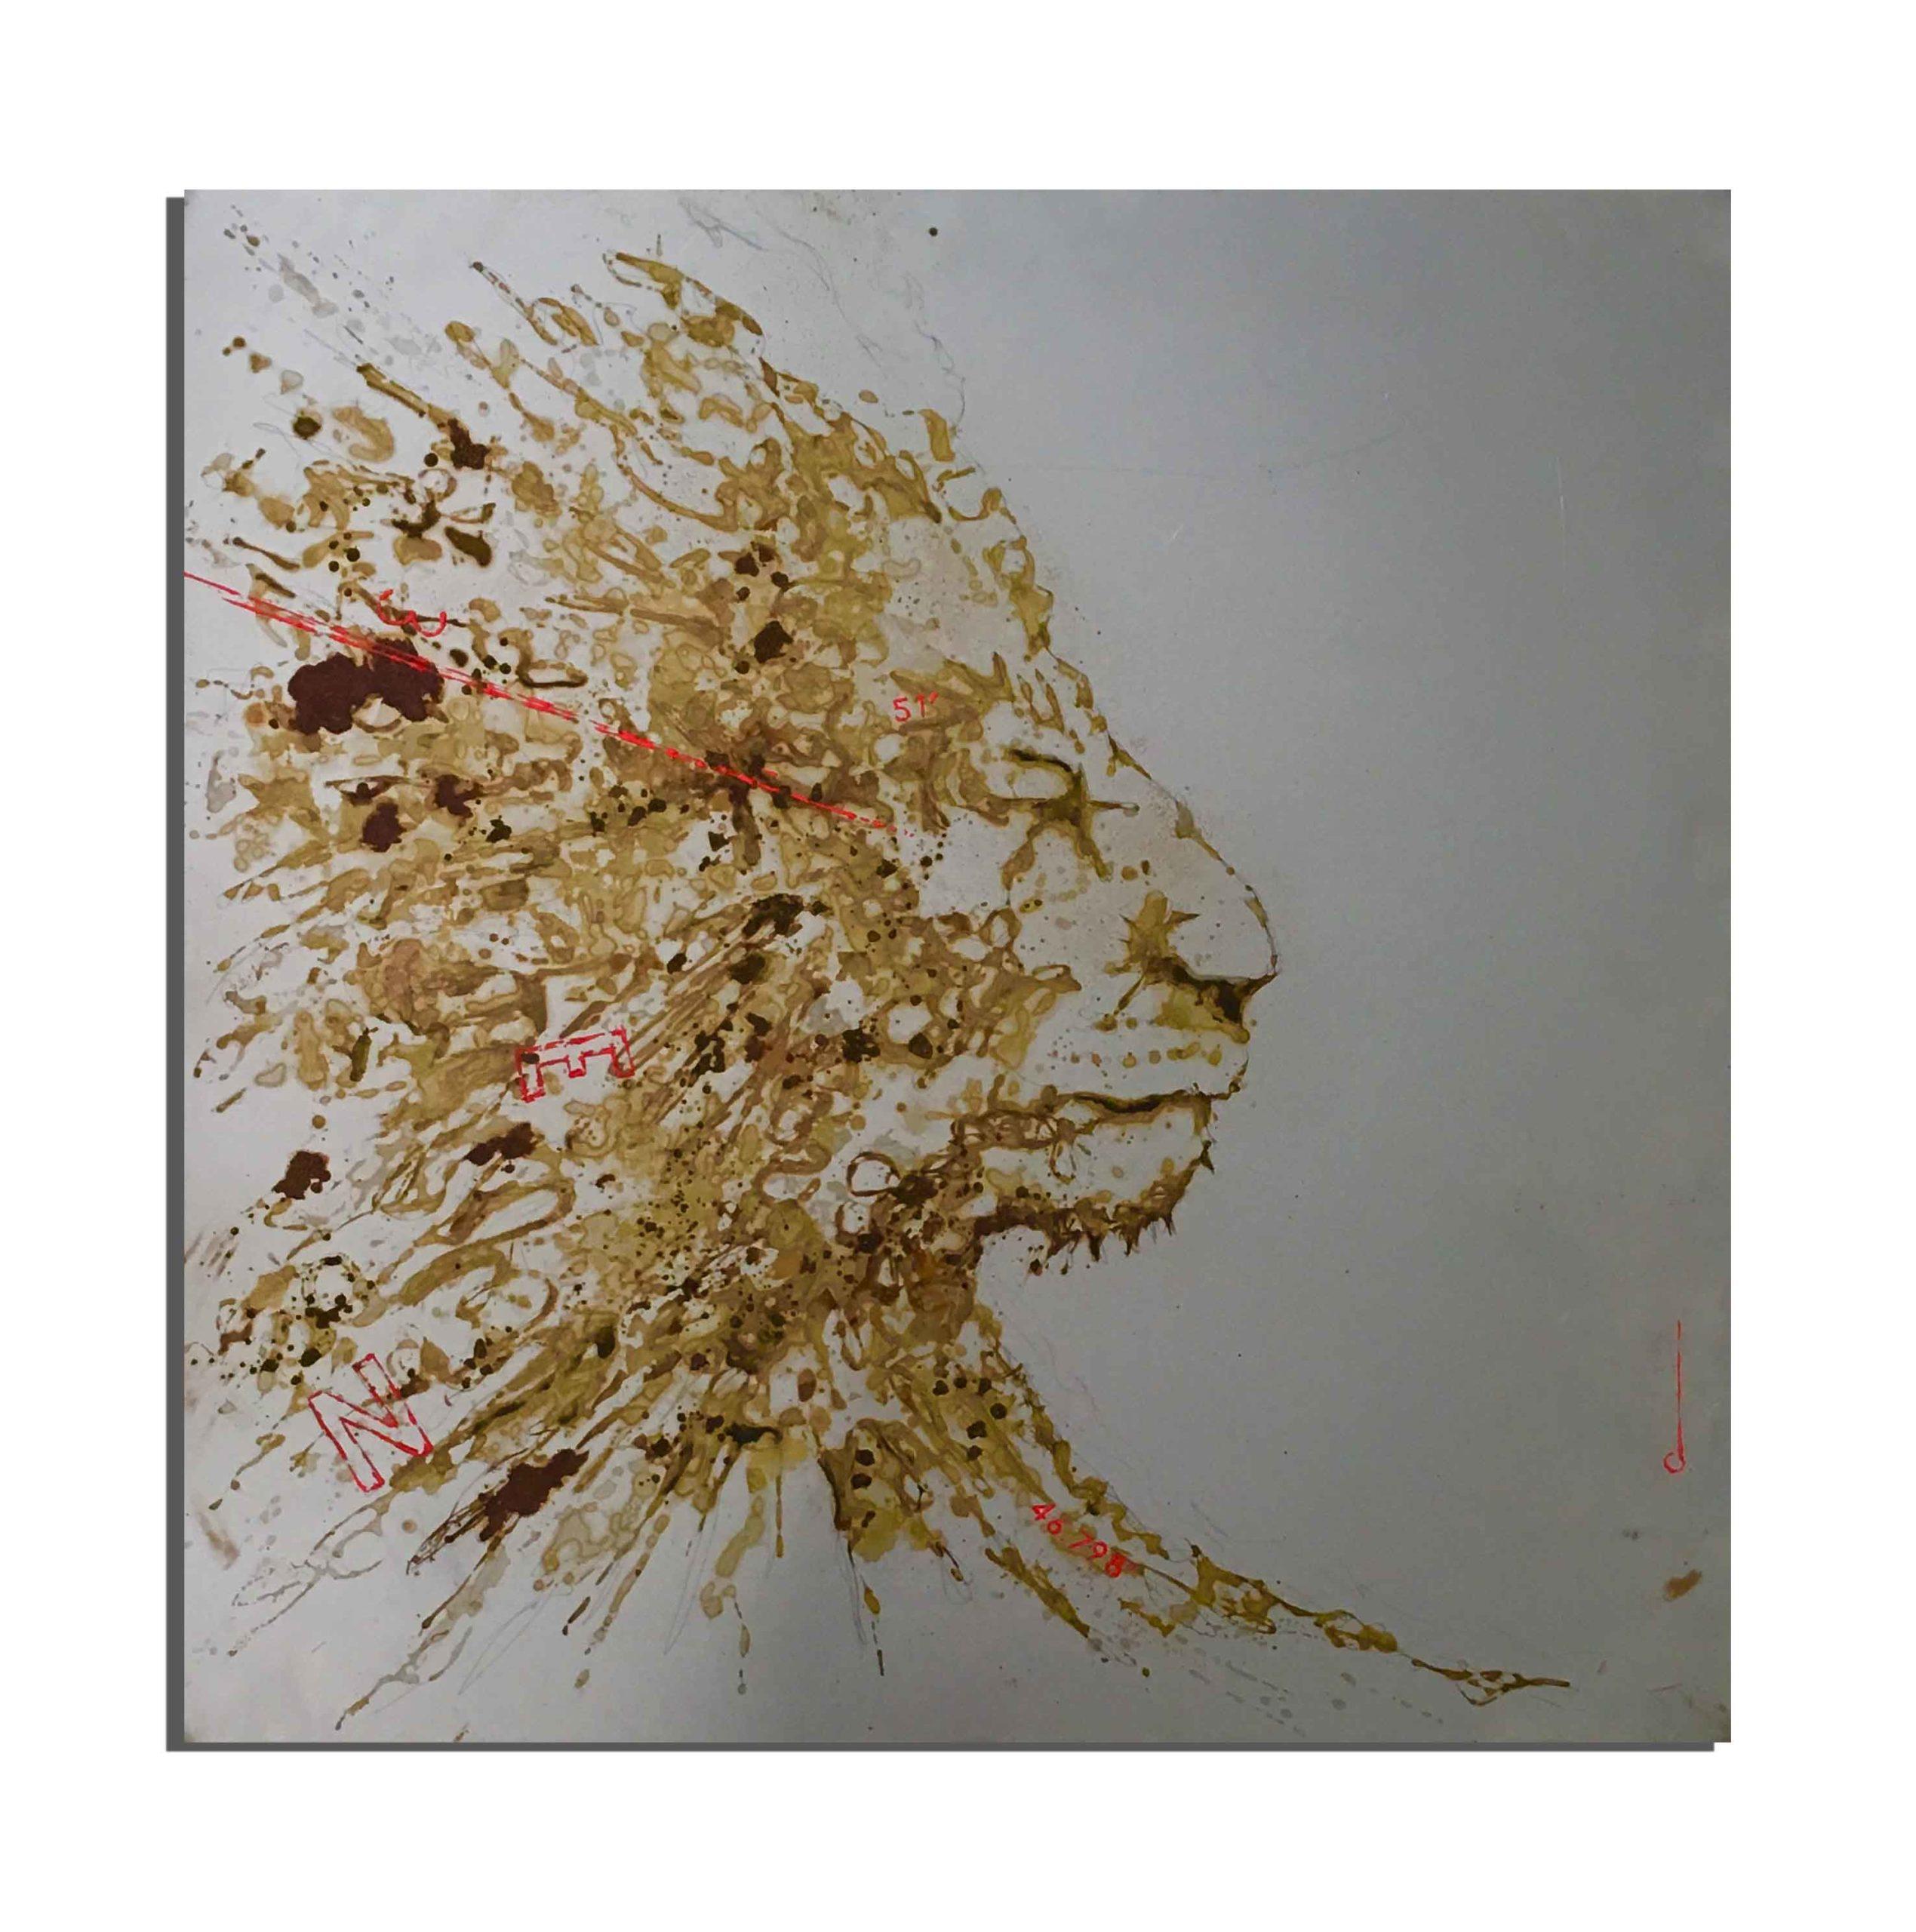 Lion de rouille fait avec du vinaigre et de l'eau de haute mer Méditerranée (France), collectée par Nicolas Lambert lors de son record de la traversée en kayak du continent à la Corse (juin 2020) - projet Water Is Life, Christophe Monteil, Art 4 Nature